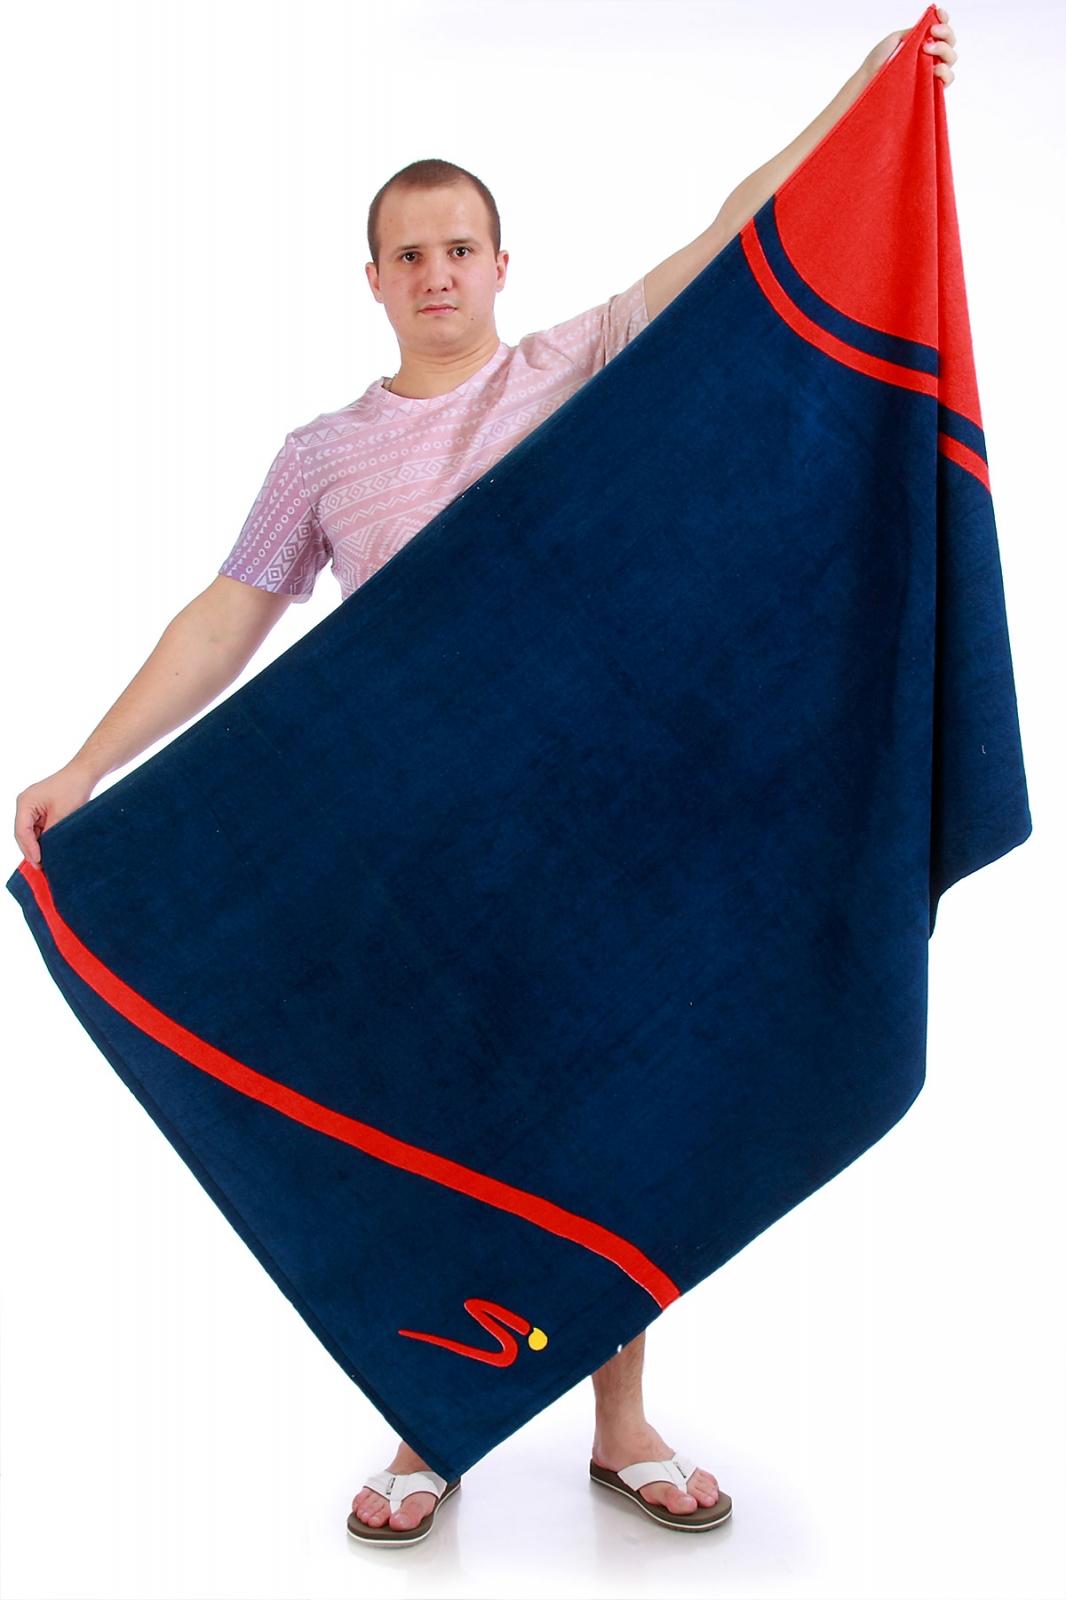 Пляжное полотенце - купить в интернет-магазине с доставкой